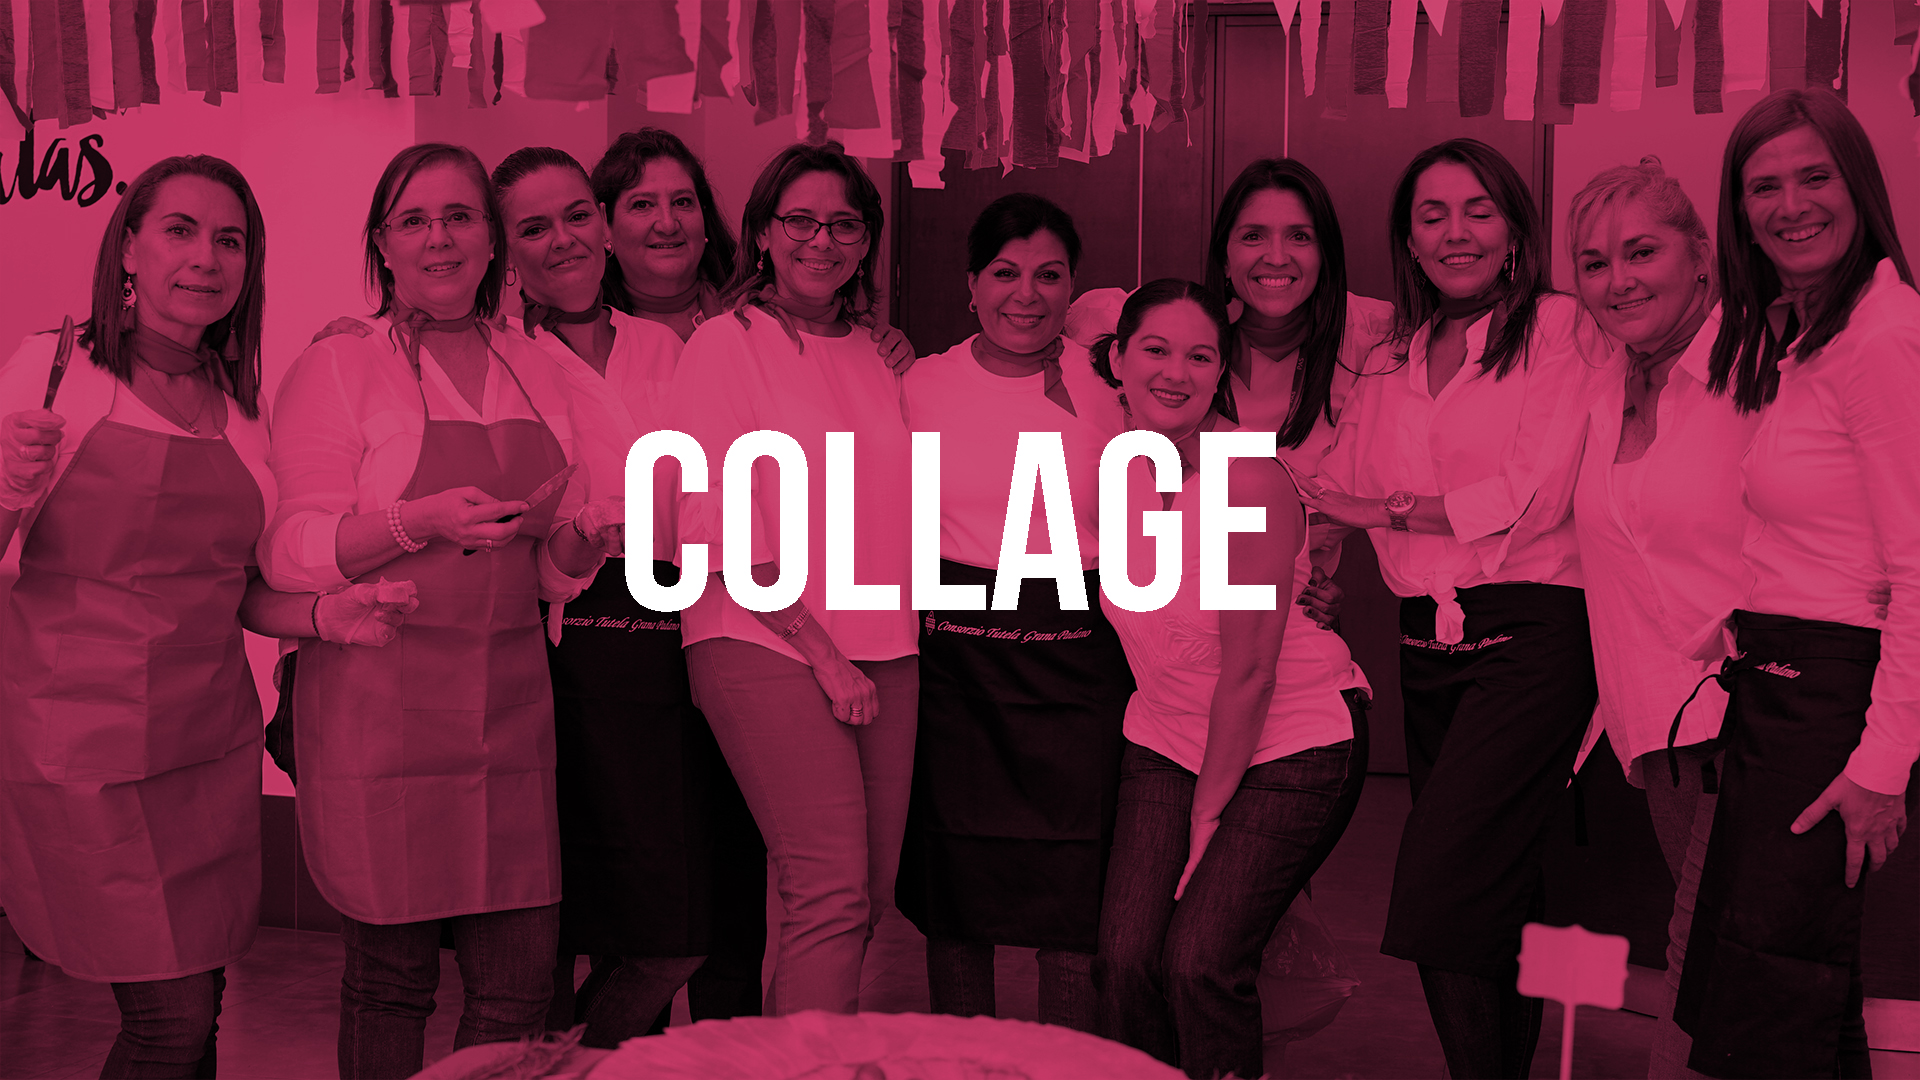 Collage es el grupo de mujeres de nuestra comunidad con reuniones semanales y estudios bíblicos dirigidos a todas ellas.